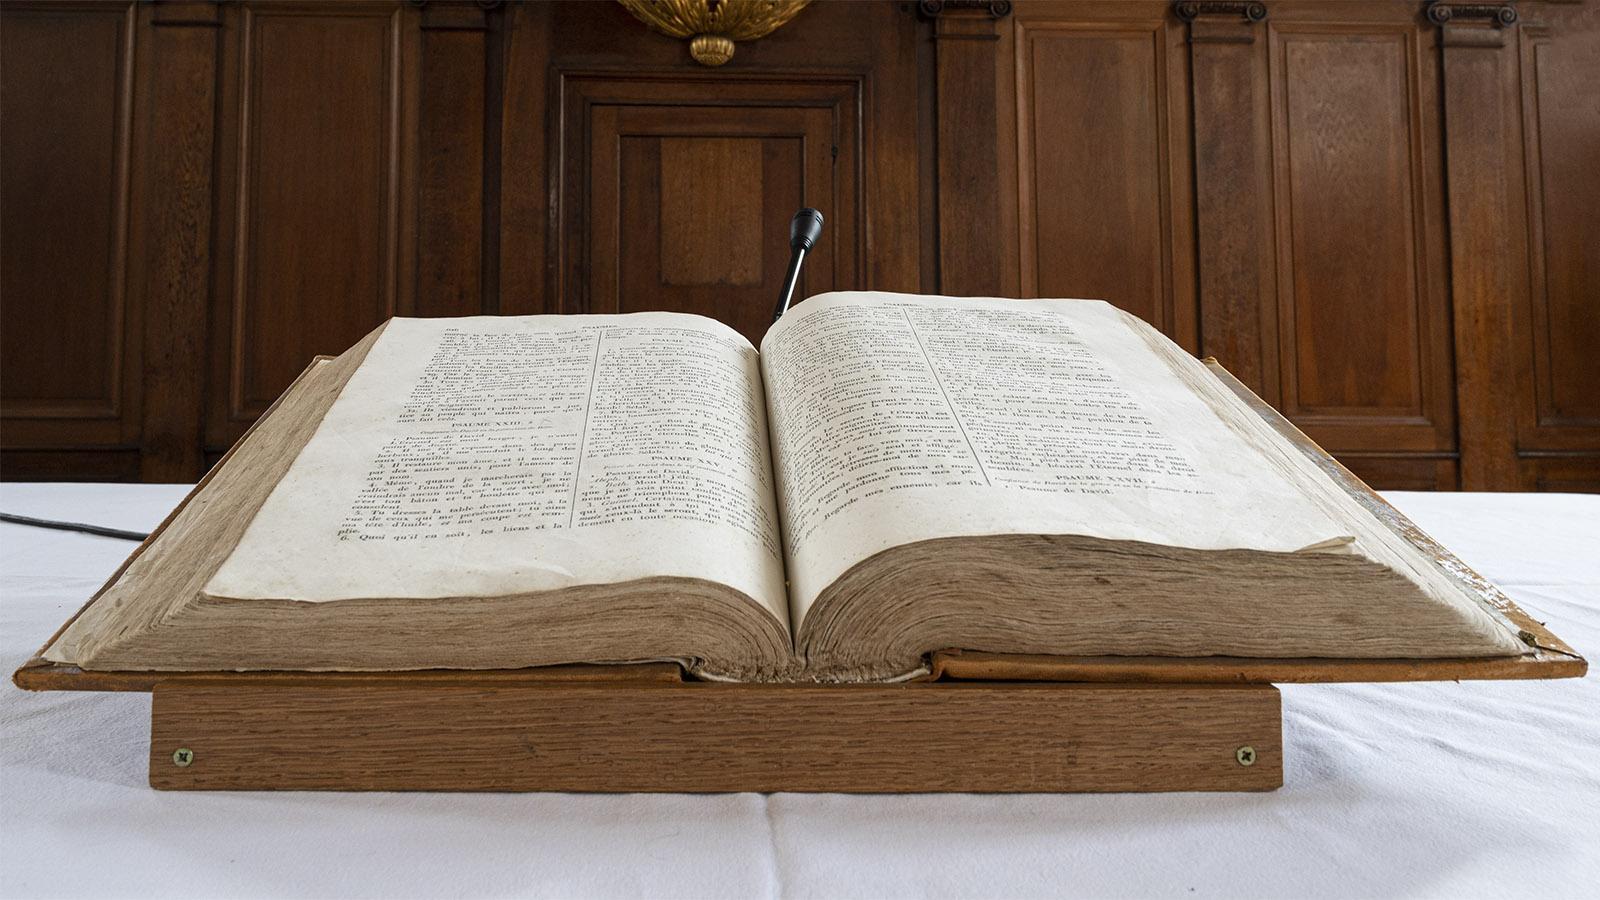 Bei den Protestanten ist die Bibel in den Kirchen stets aufgeschlagen in Frankreich. Foto: Hilke Maunder